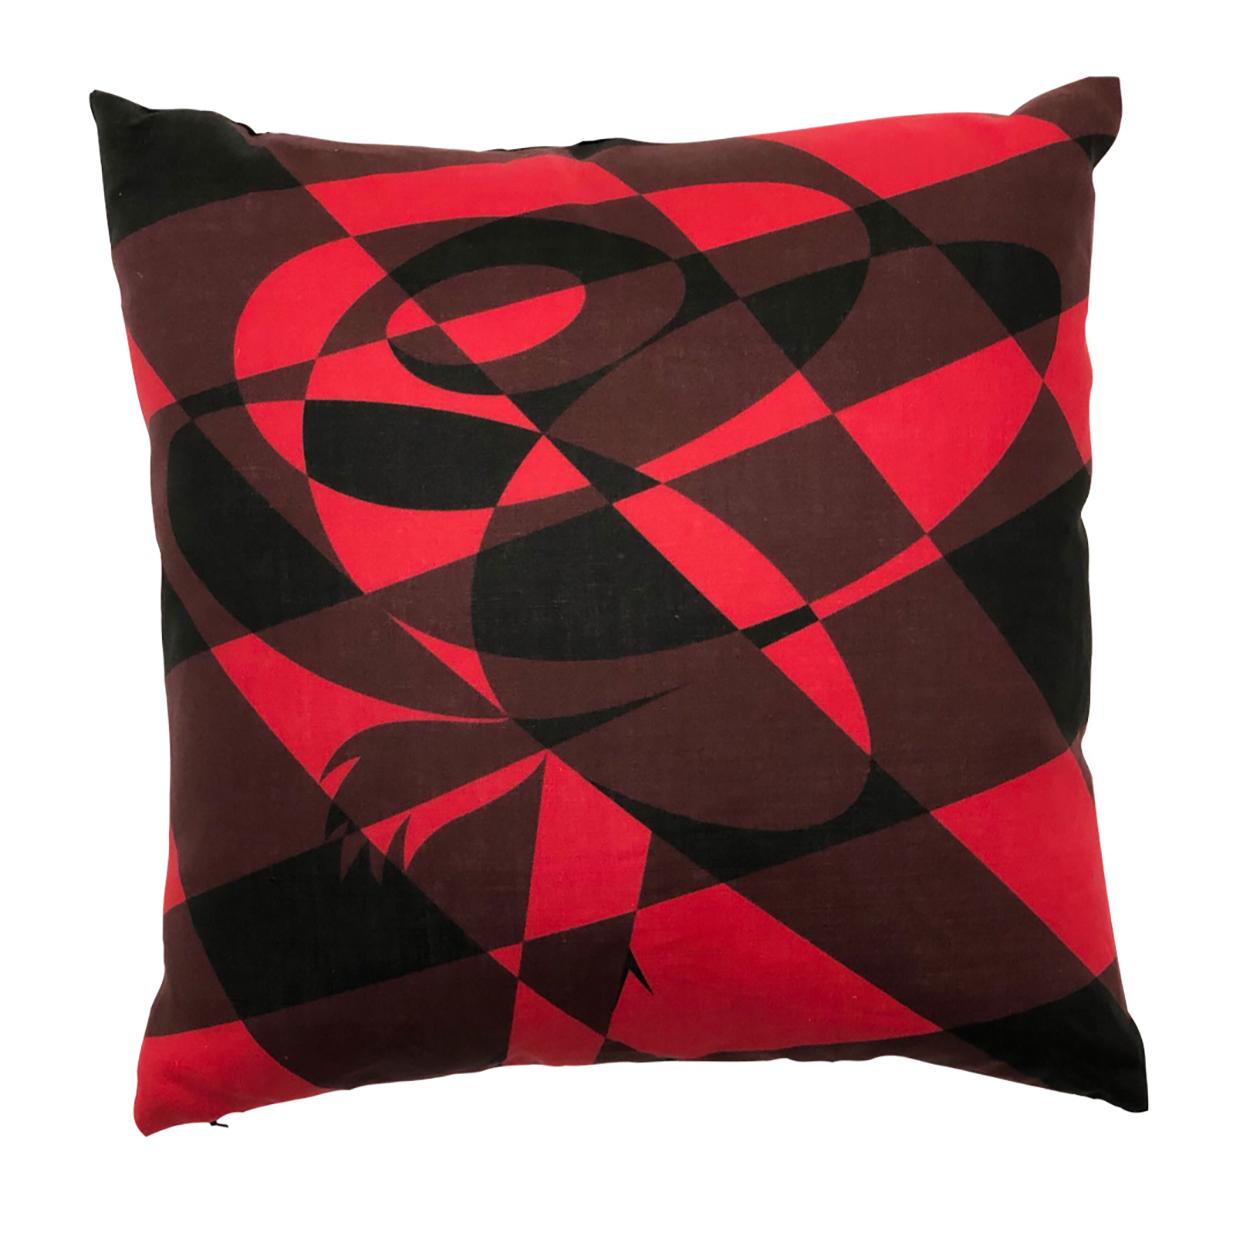 Flame Red Lumberjack Rose Throw Pillow